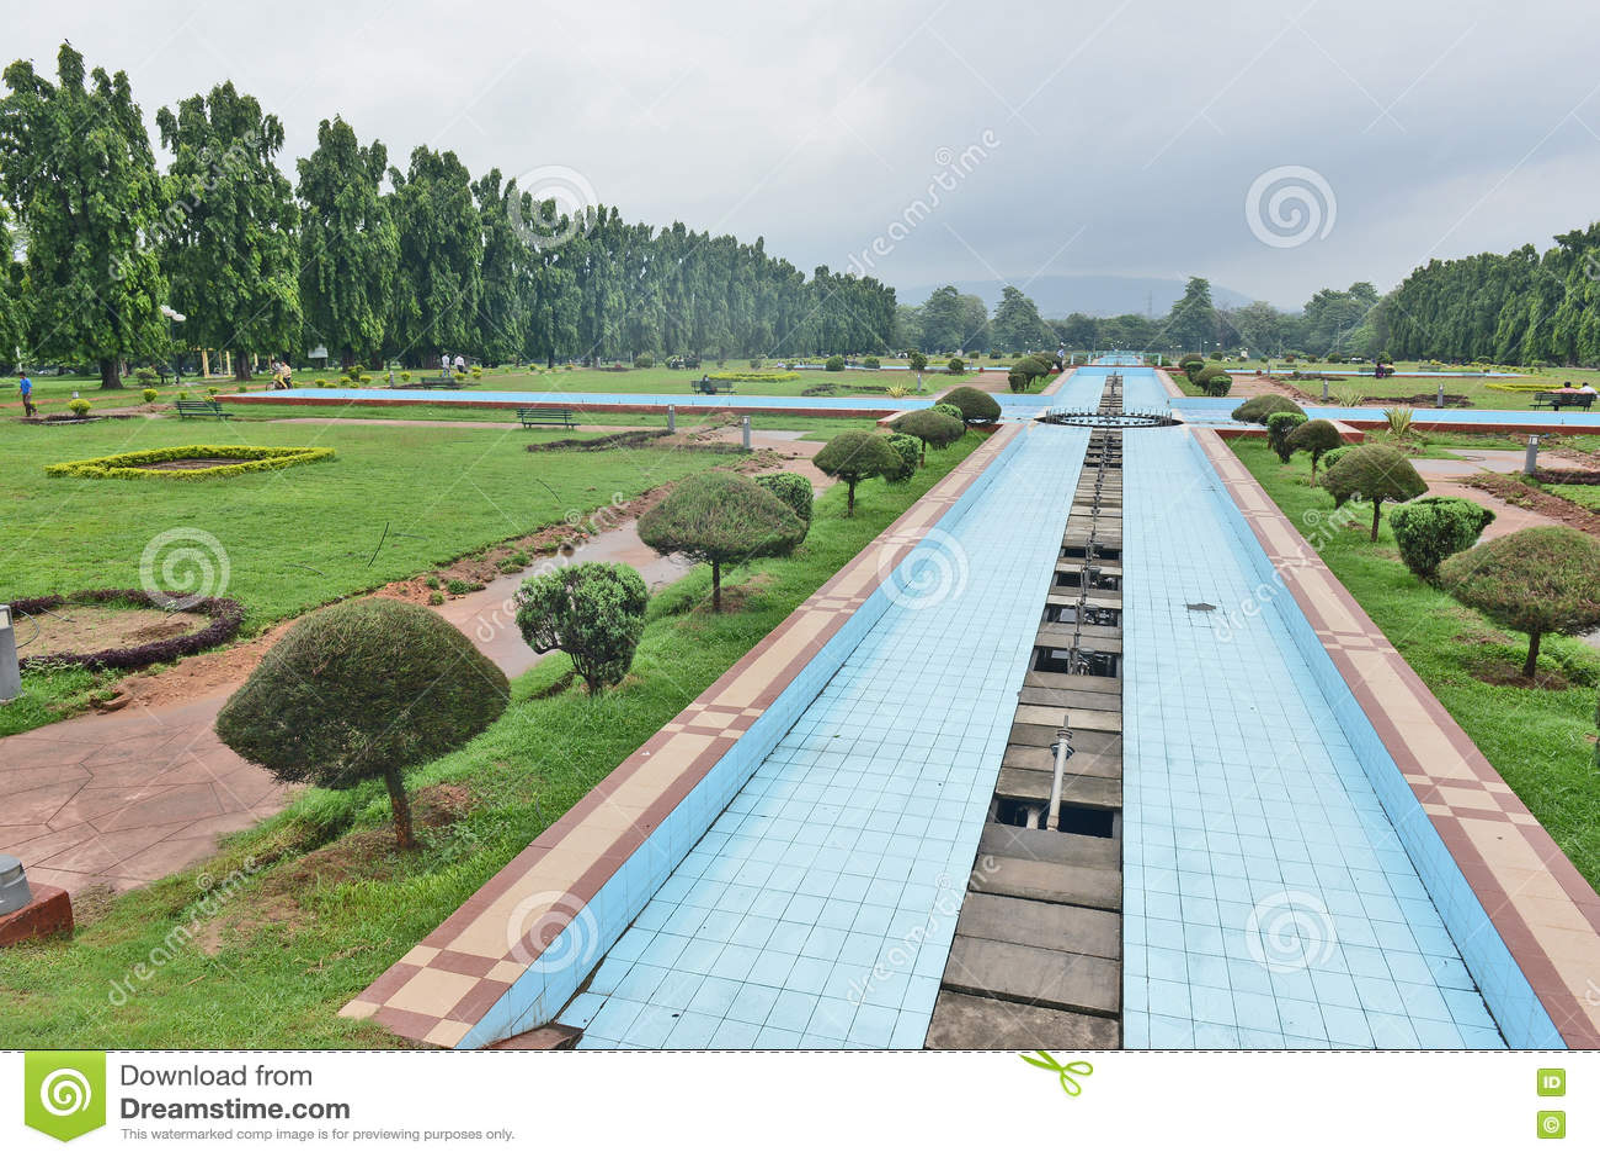 Jubileuszu park